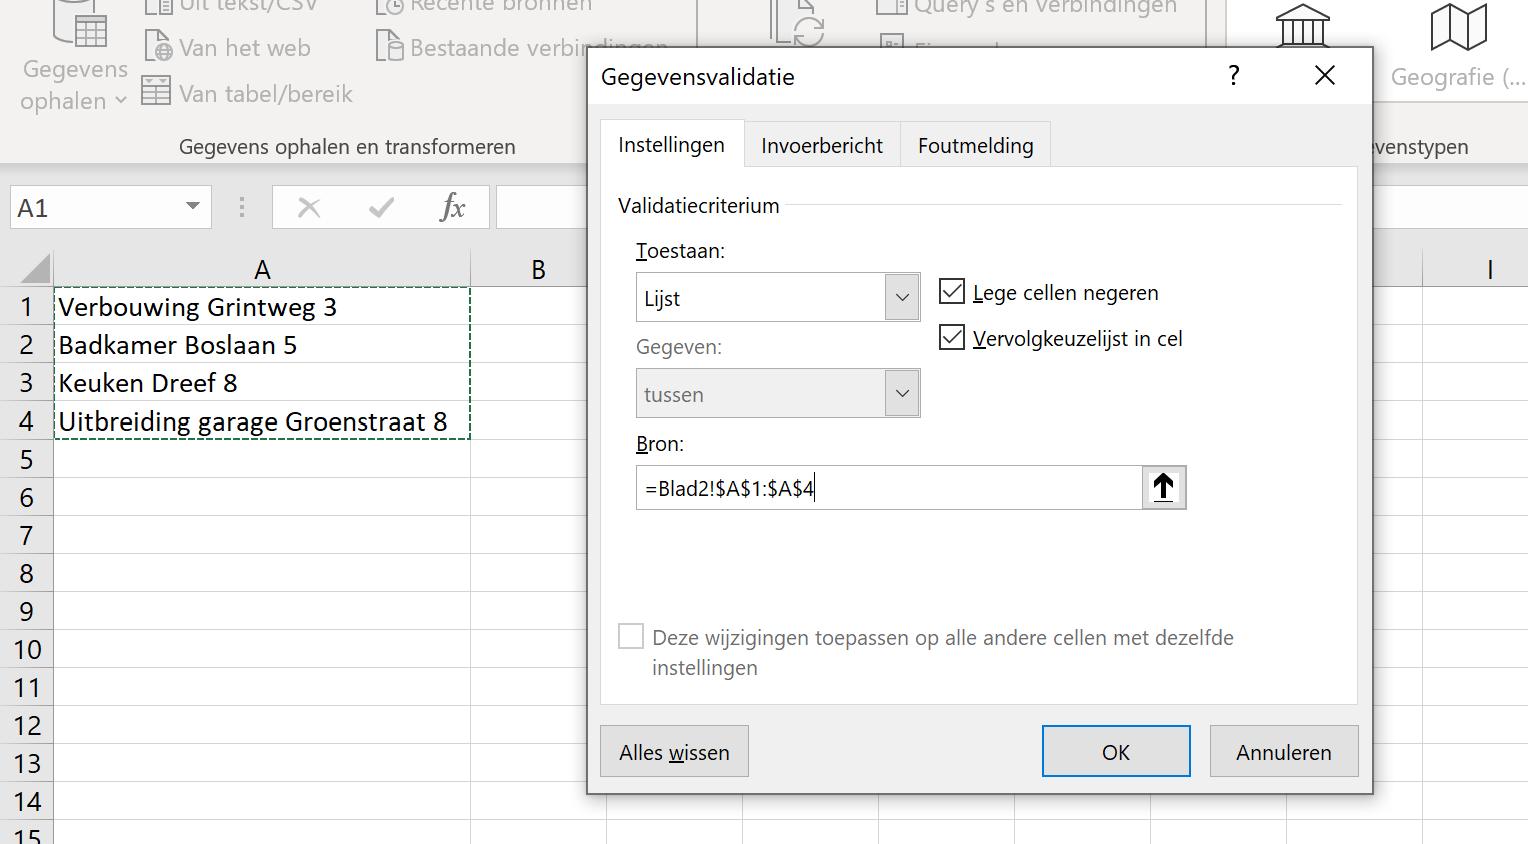 Lijst-Excel-Drop-down-urenregistratie